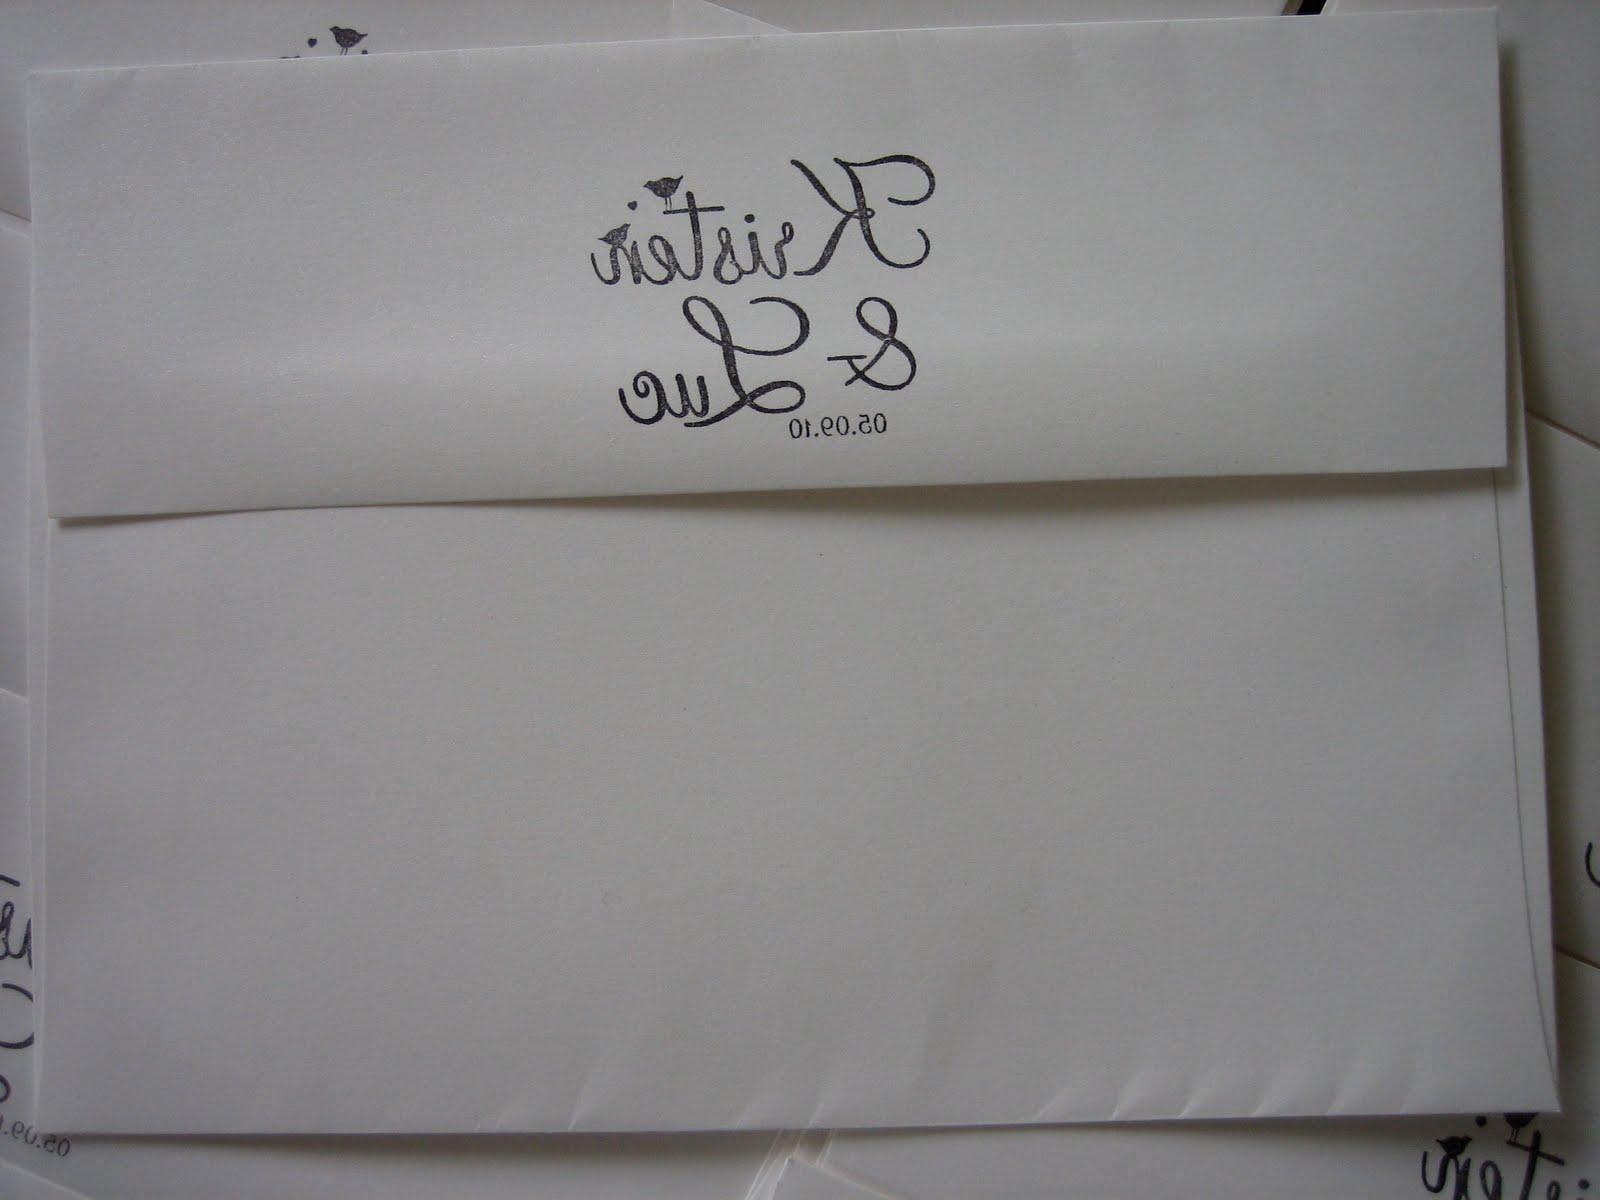 the RSVP mini-envelopes